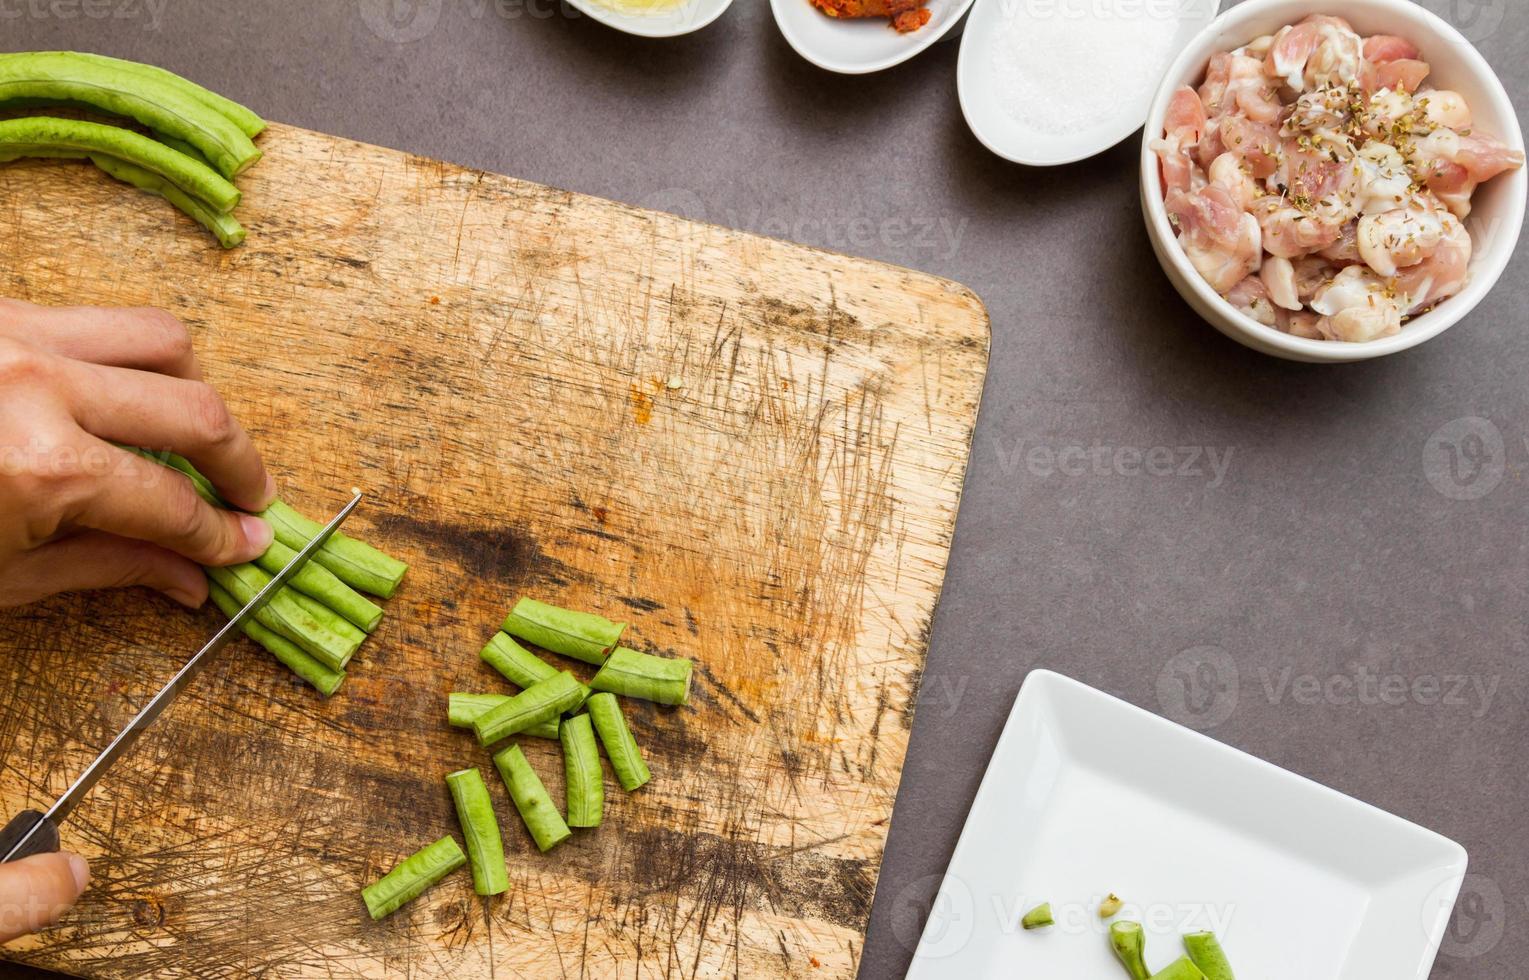 grüne Kuherbse zum Kochen und für die Gesundheit. foto